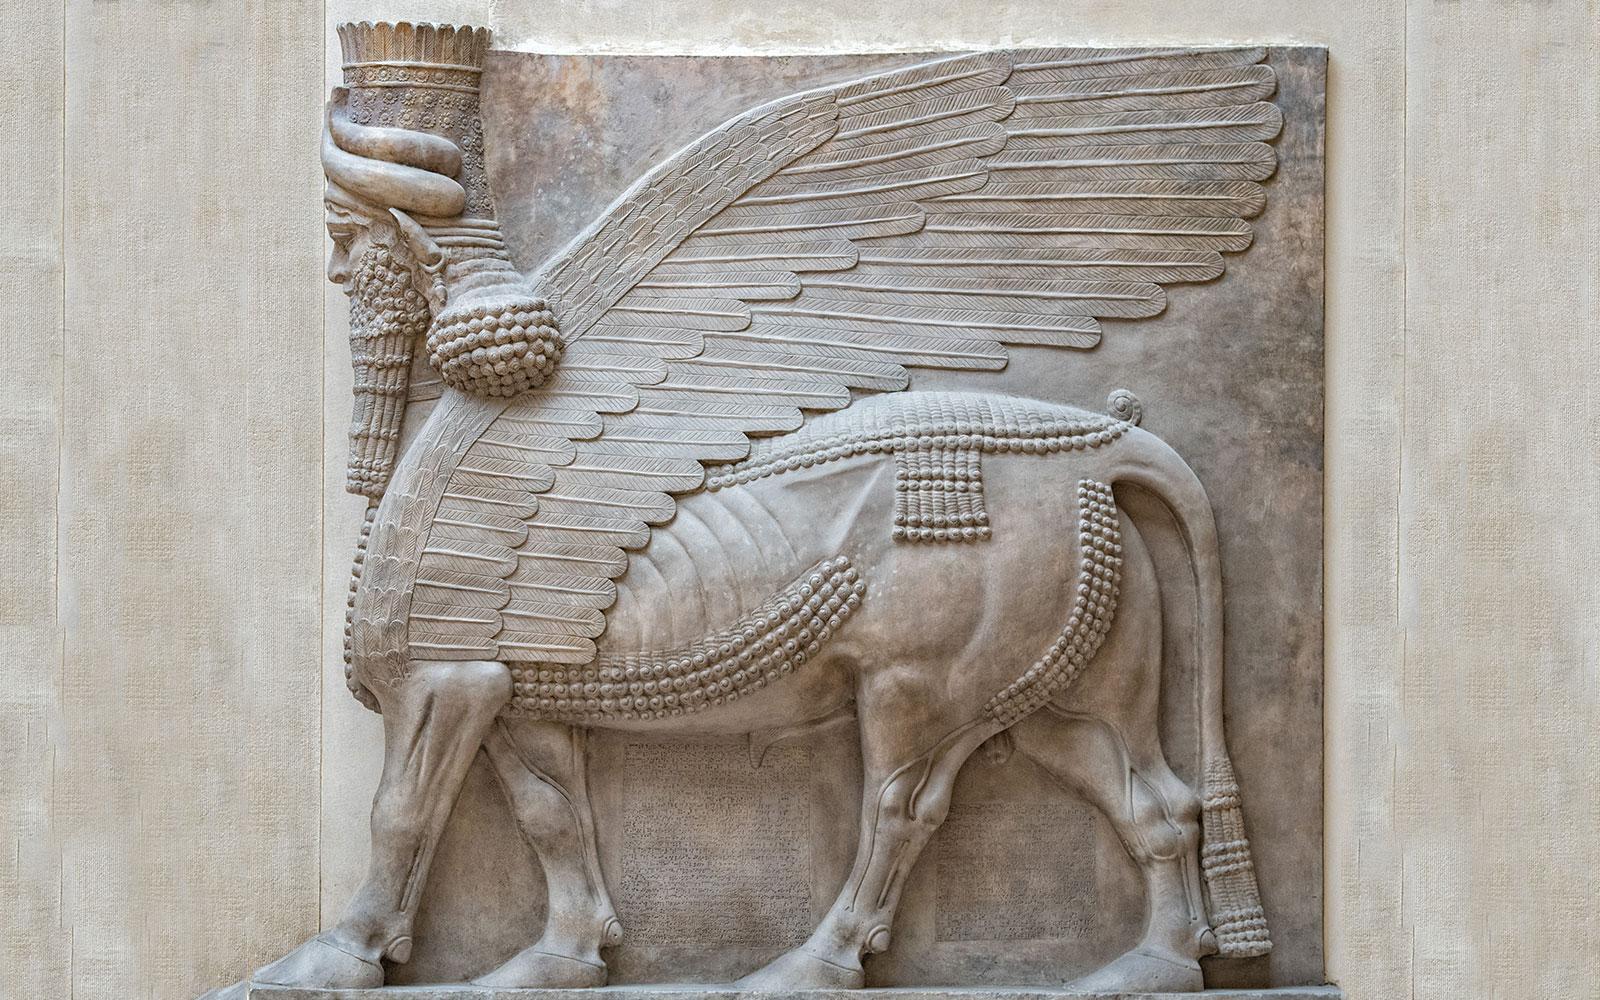 Astrologija i pismenost u Mesopotamiji i Vinči